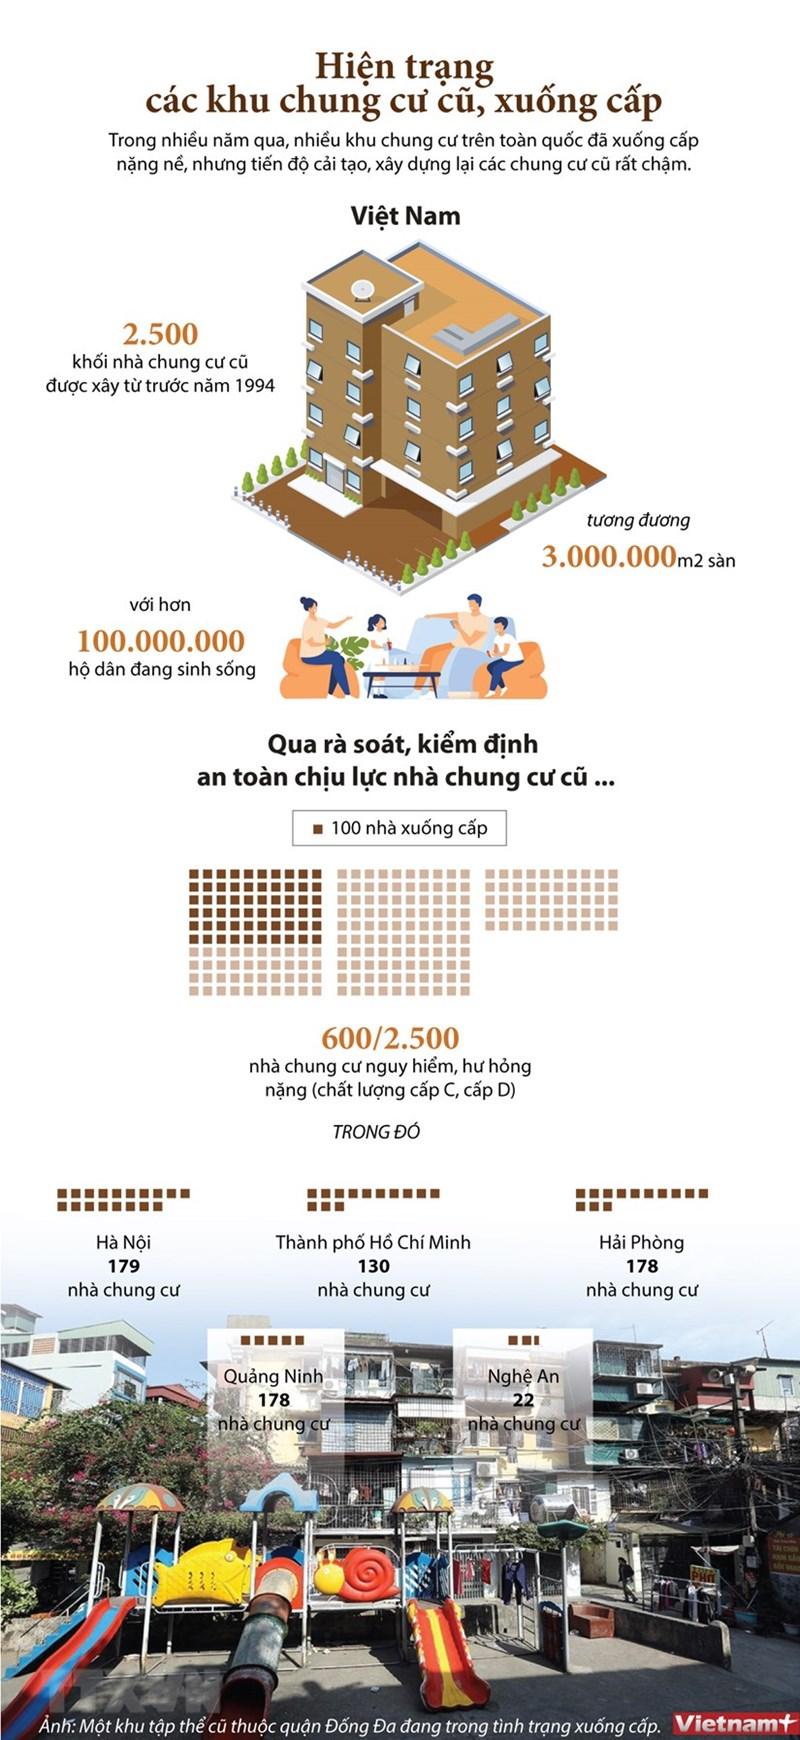 [Infographics] Việt Nam có khoảng 2.500 khối nhà chung cư cũ - Ảnh 1